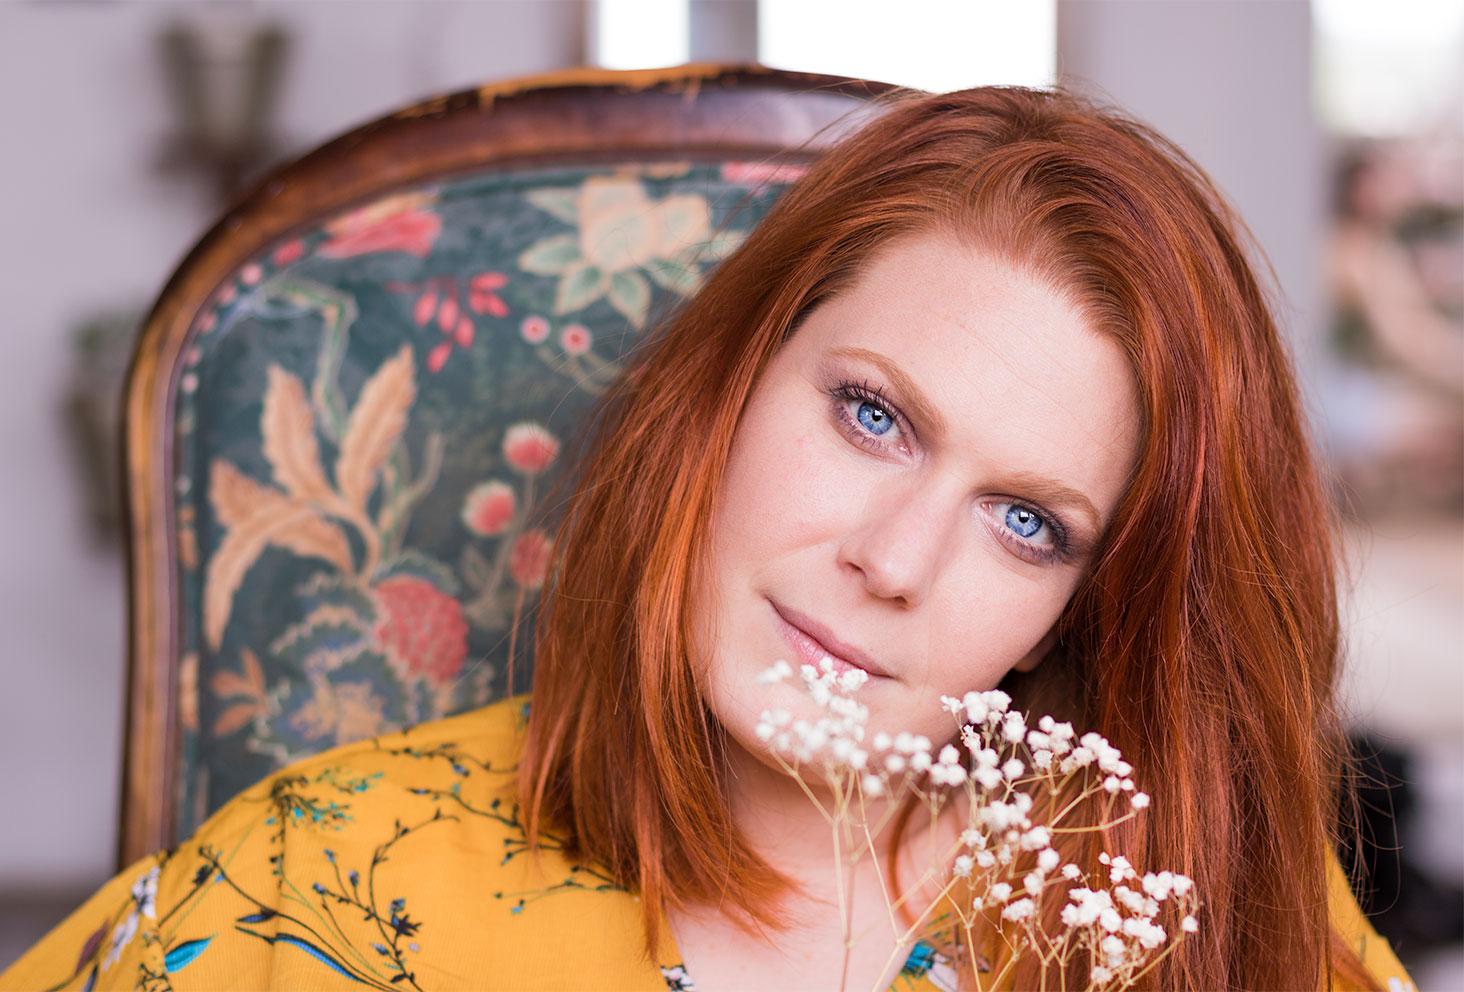 Make-up réalisé avec la palette Funfetti de Too Faced sur des yeux bleus avec des cheveux roux en robe jaune moutarde à fleurs